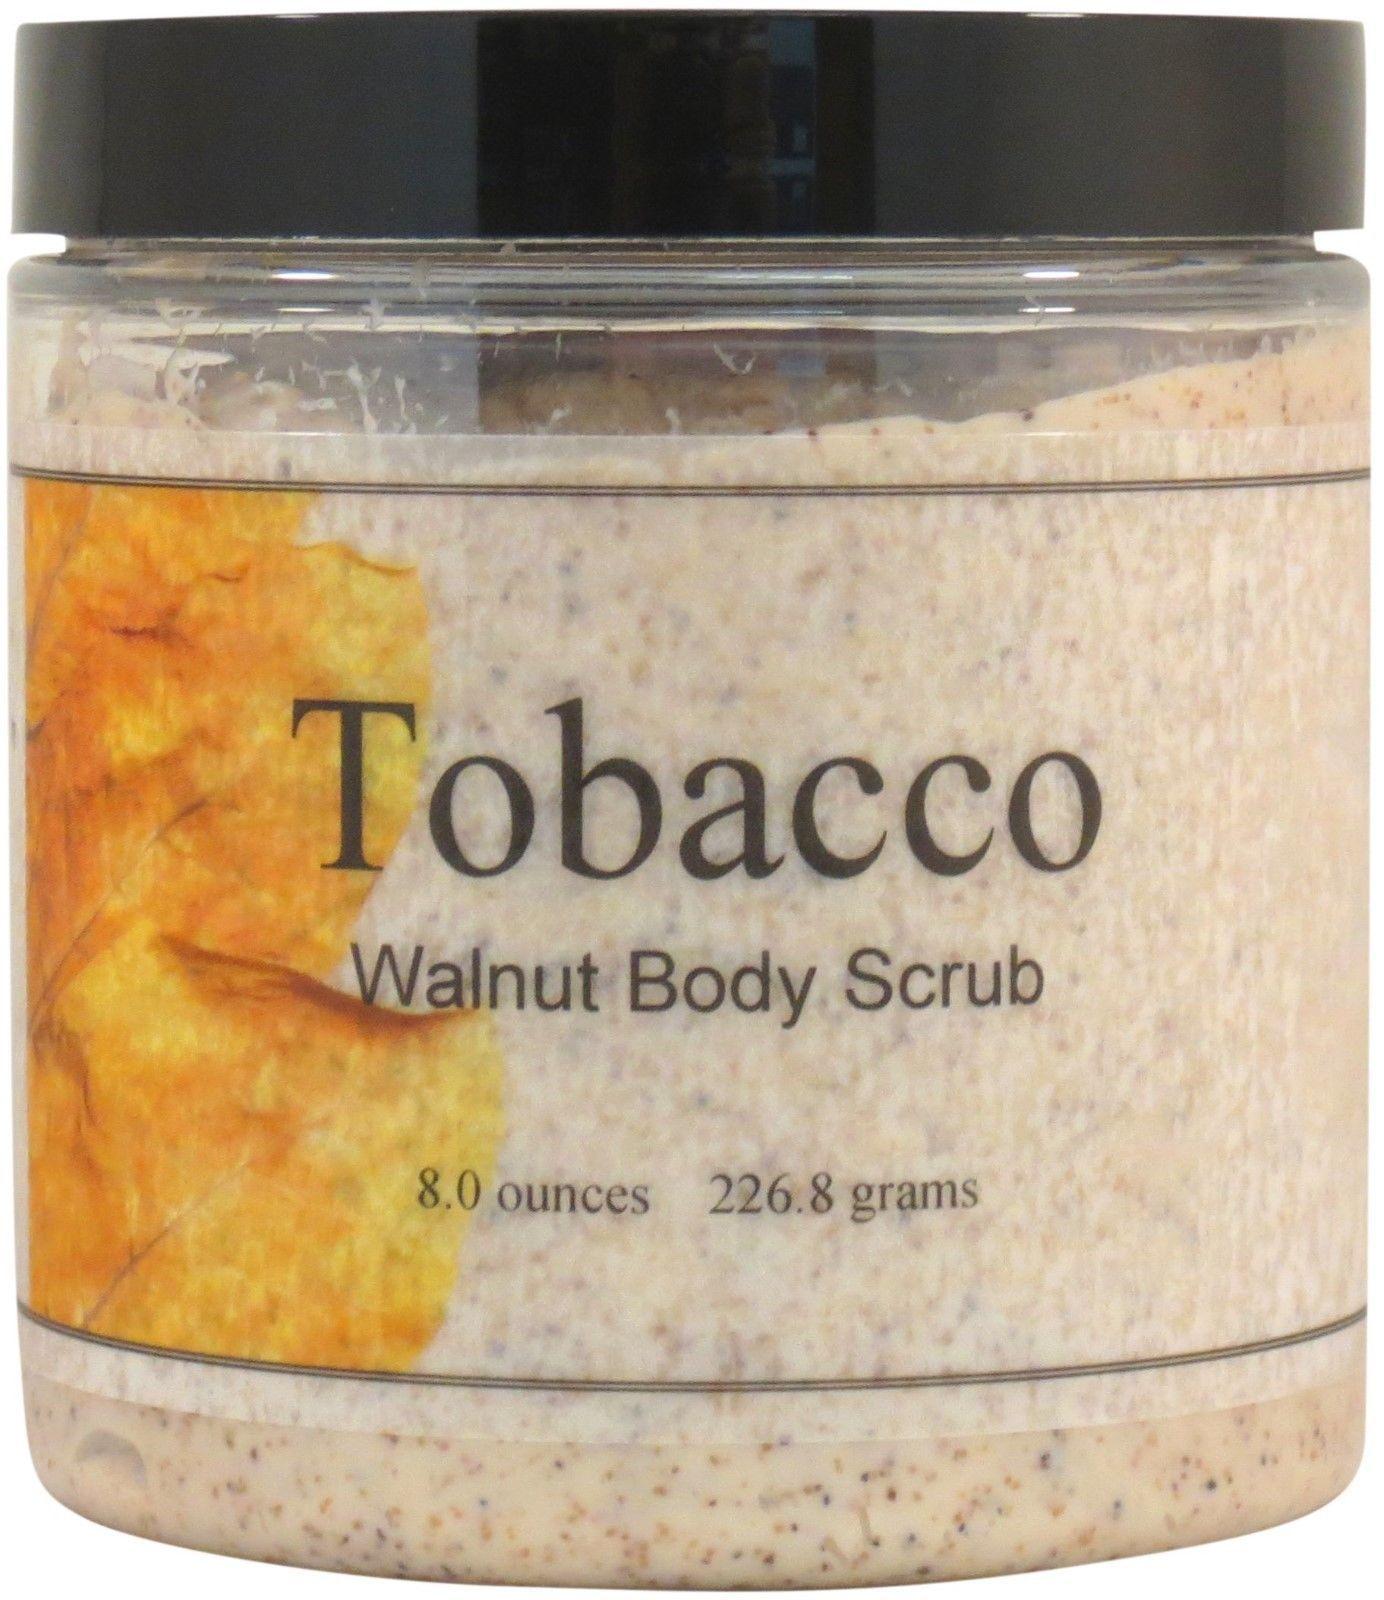 Tobacco Walnut Body Scrub